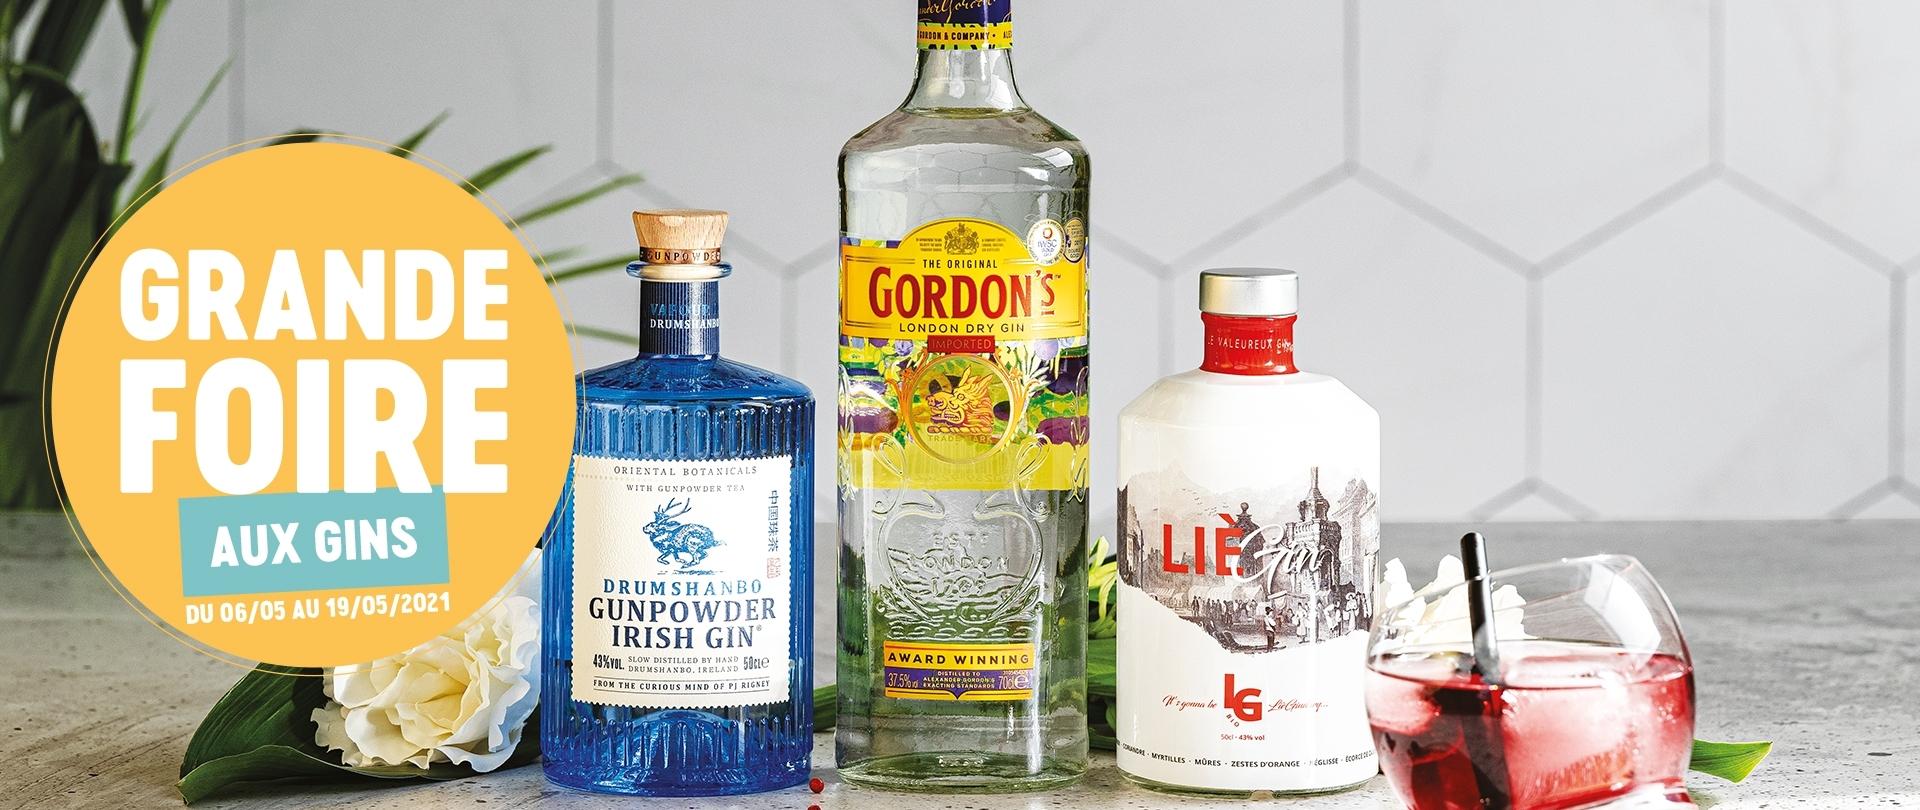 Grande Foire aux gins